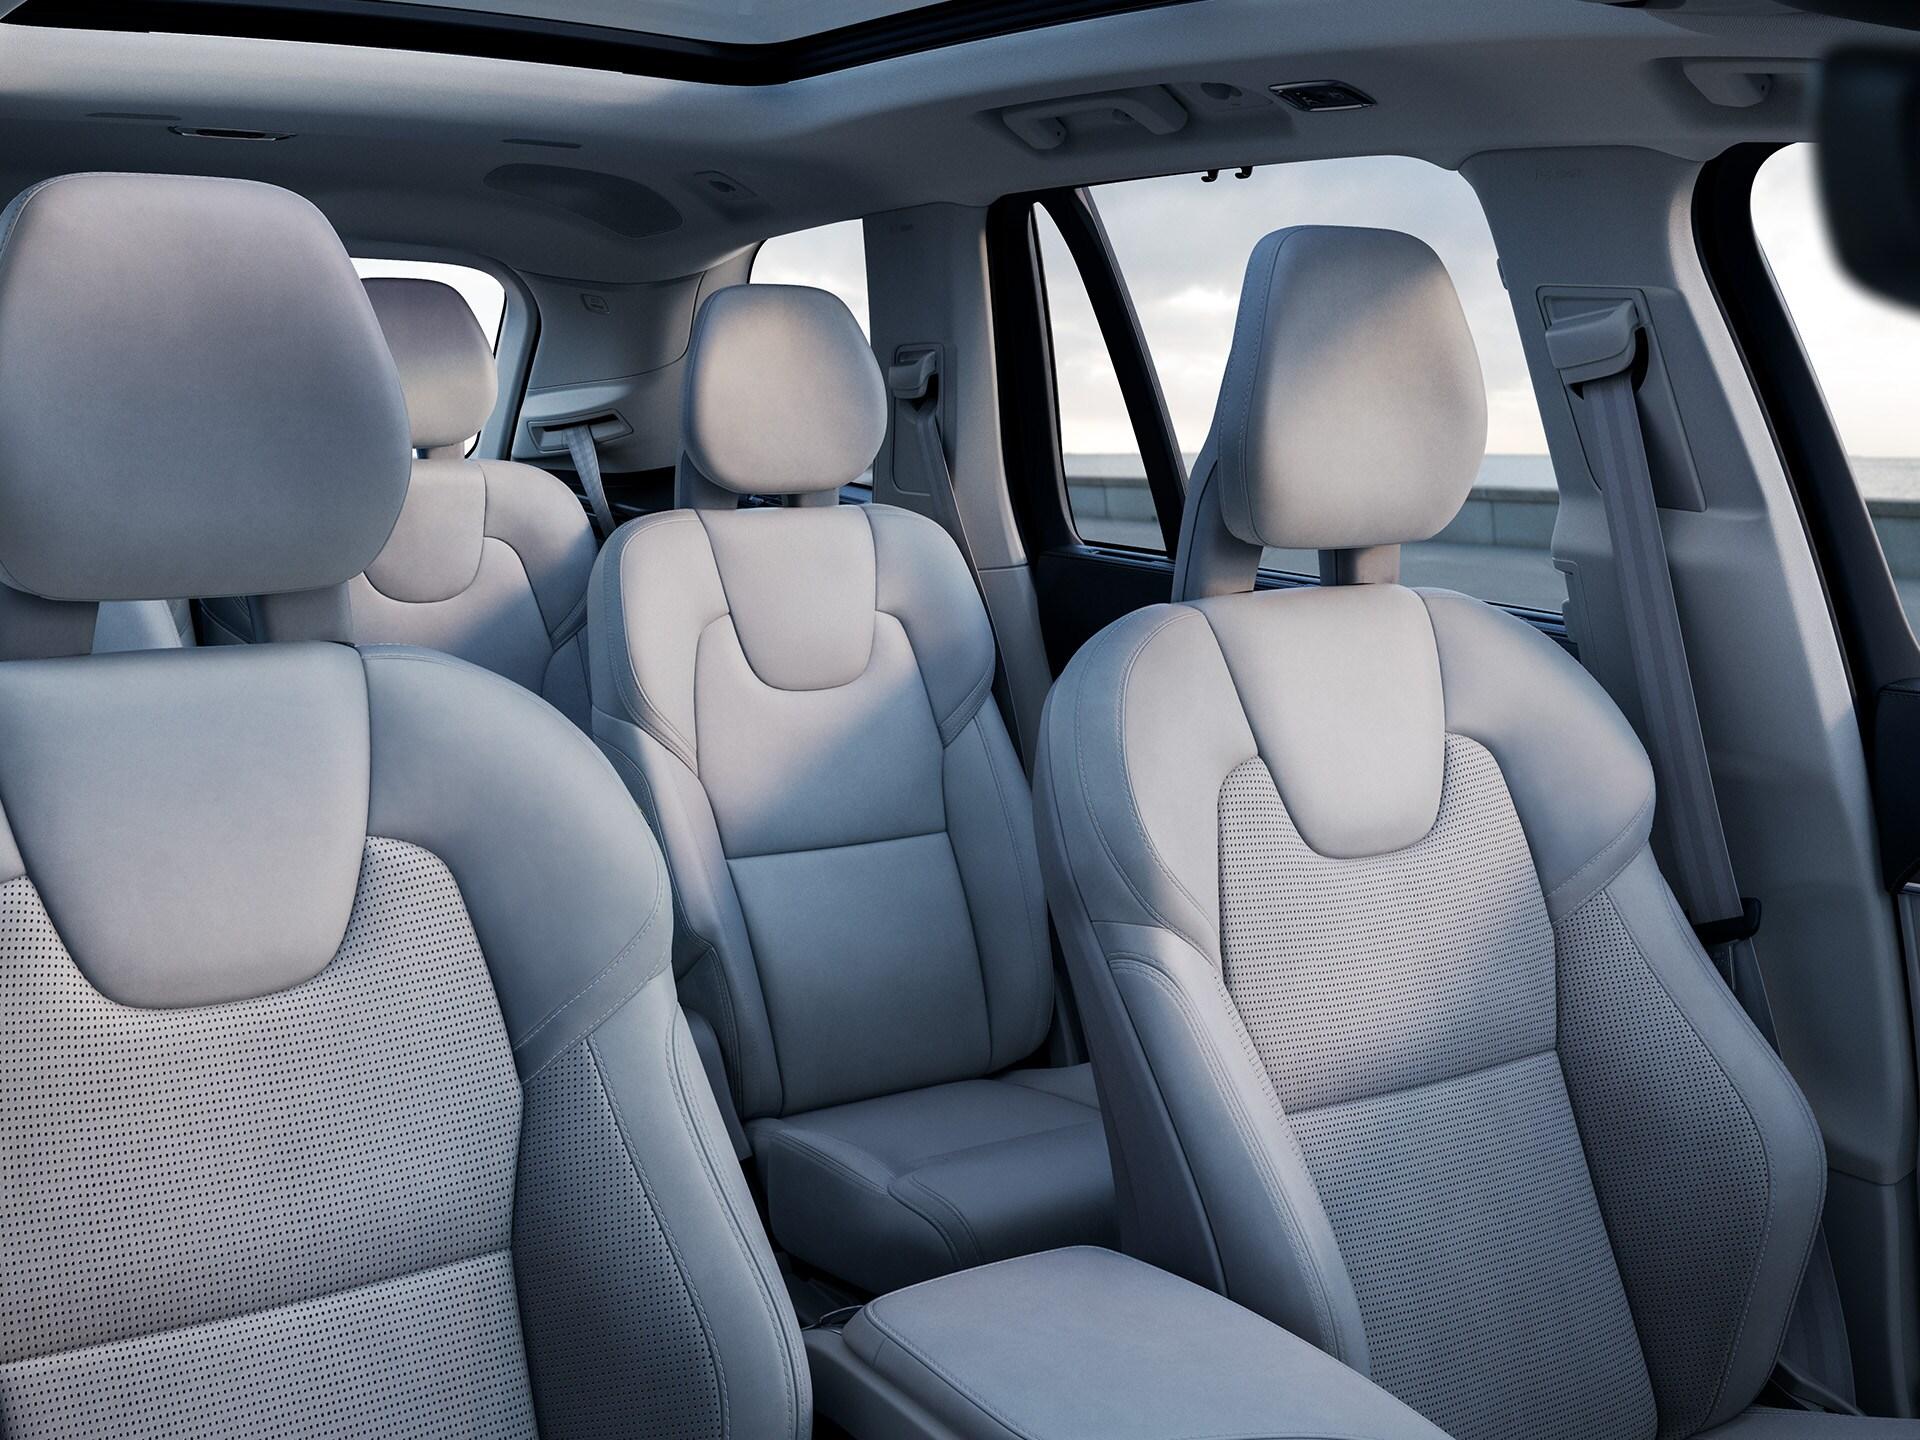 Το εσωτερικό ενός Volvo SUV με 3 σειρές θέσεων και εσωτερικές επενδύσεις blond στα καθίσματα